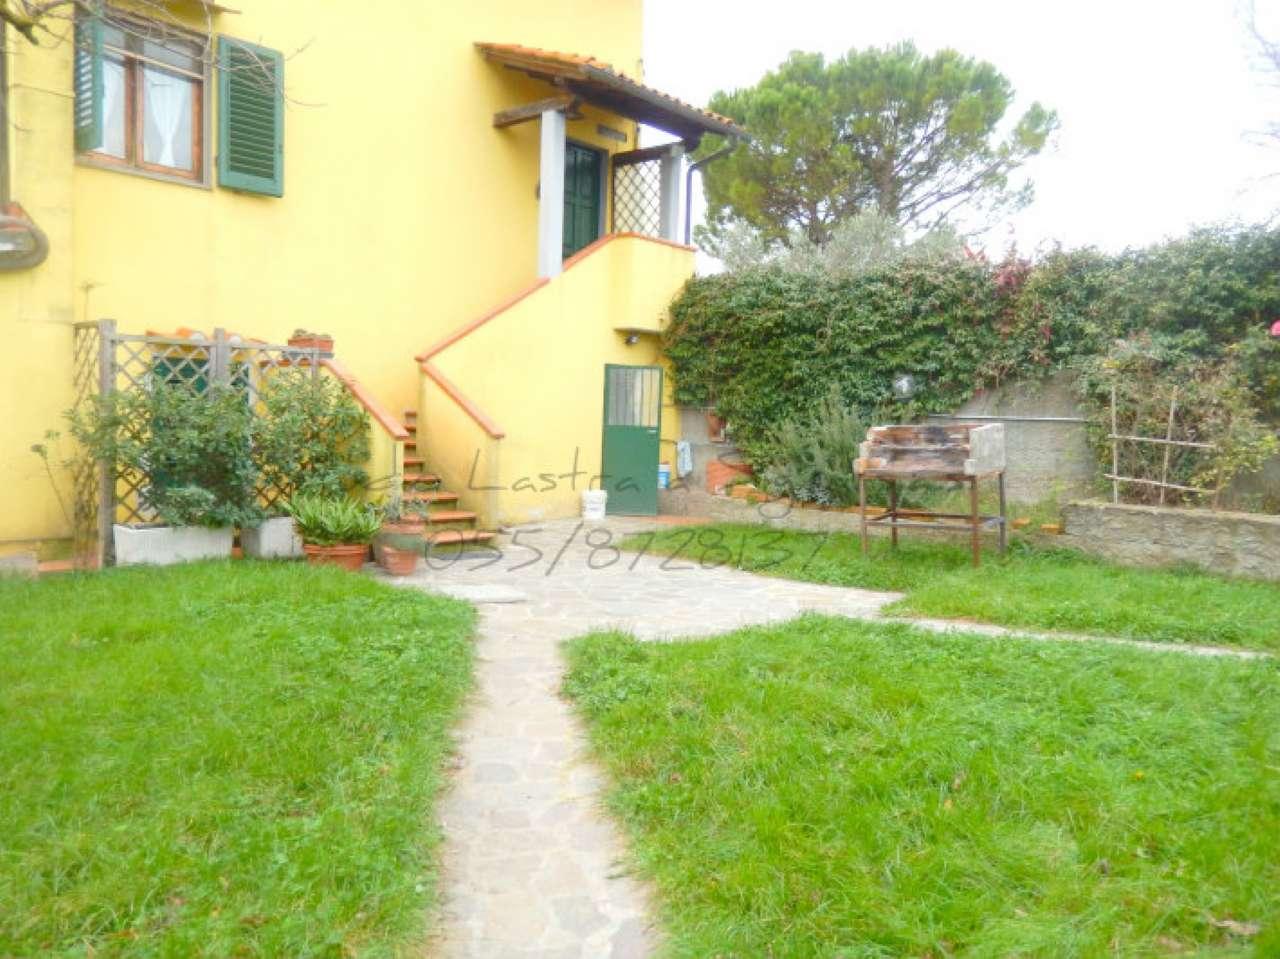 Palazzo / Stabile in vendita a Lastra a Signa, 3 locali, prezzo € 210.000 | Cambio Casa.it